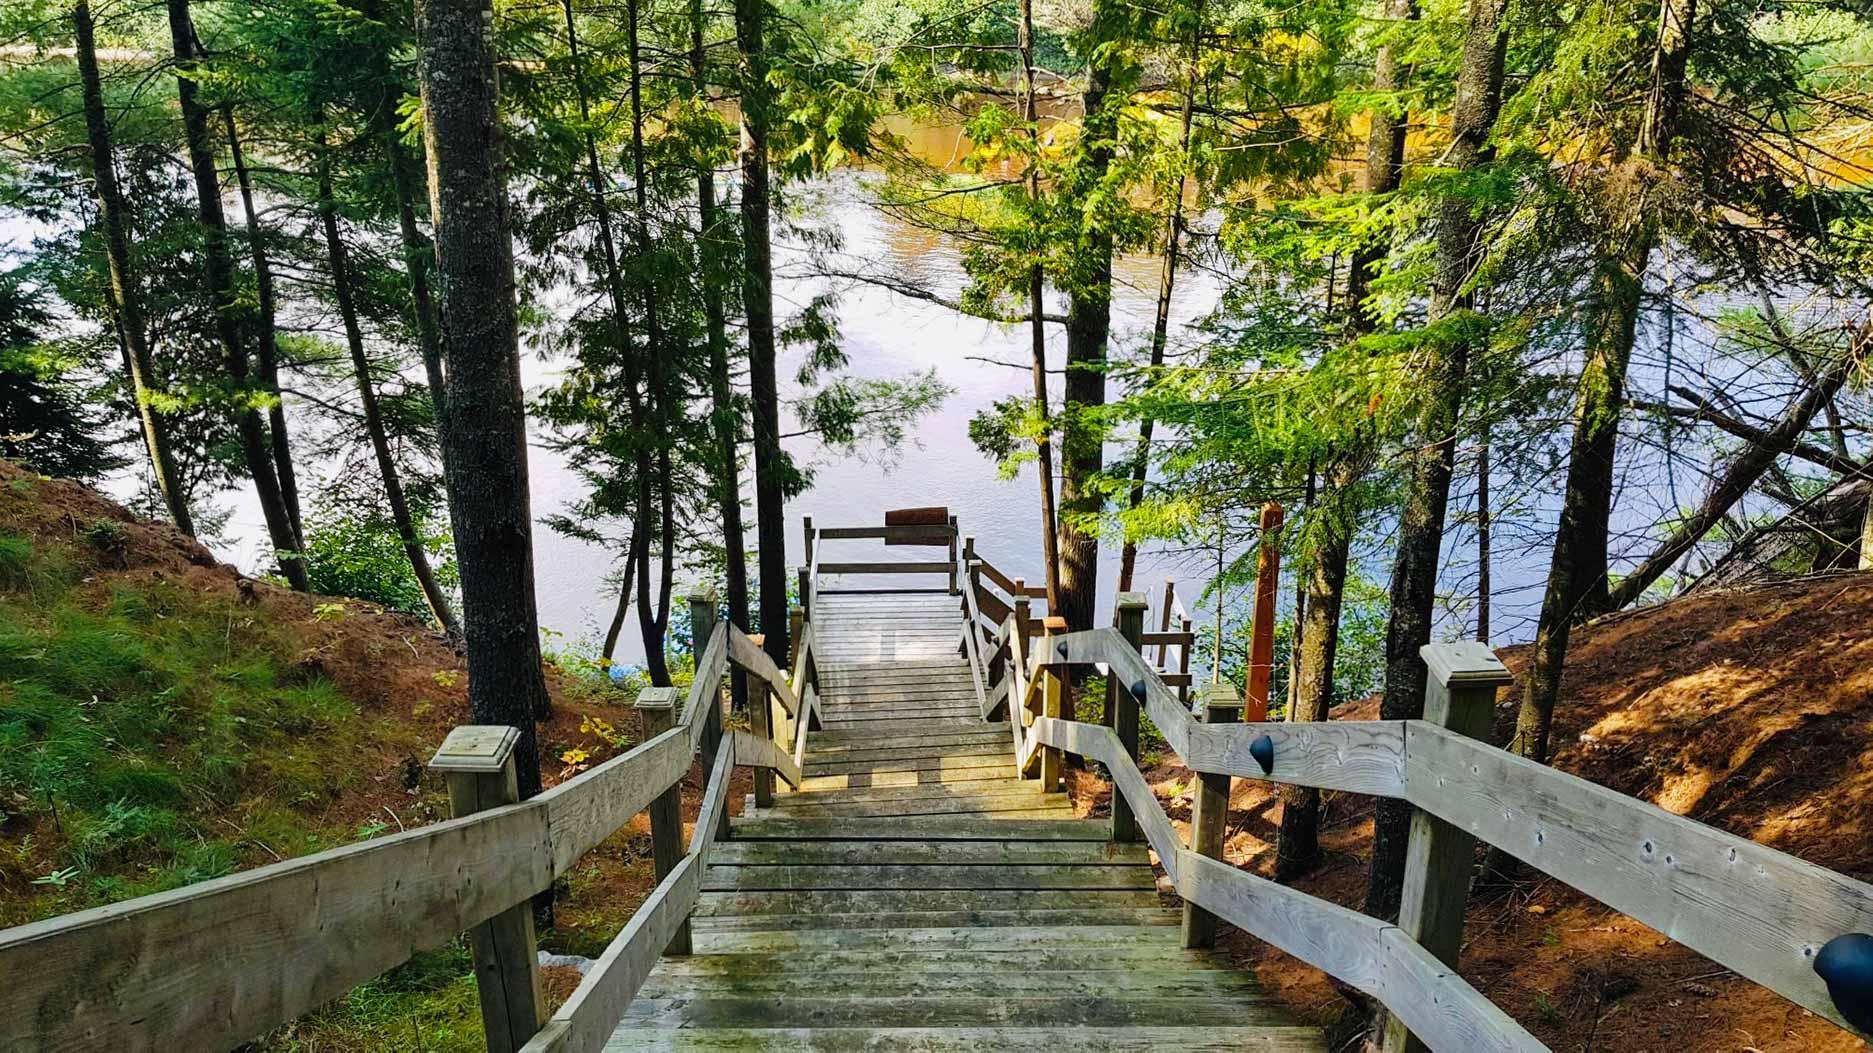 escalier qui descend dans la forêt vers un lac au québec